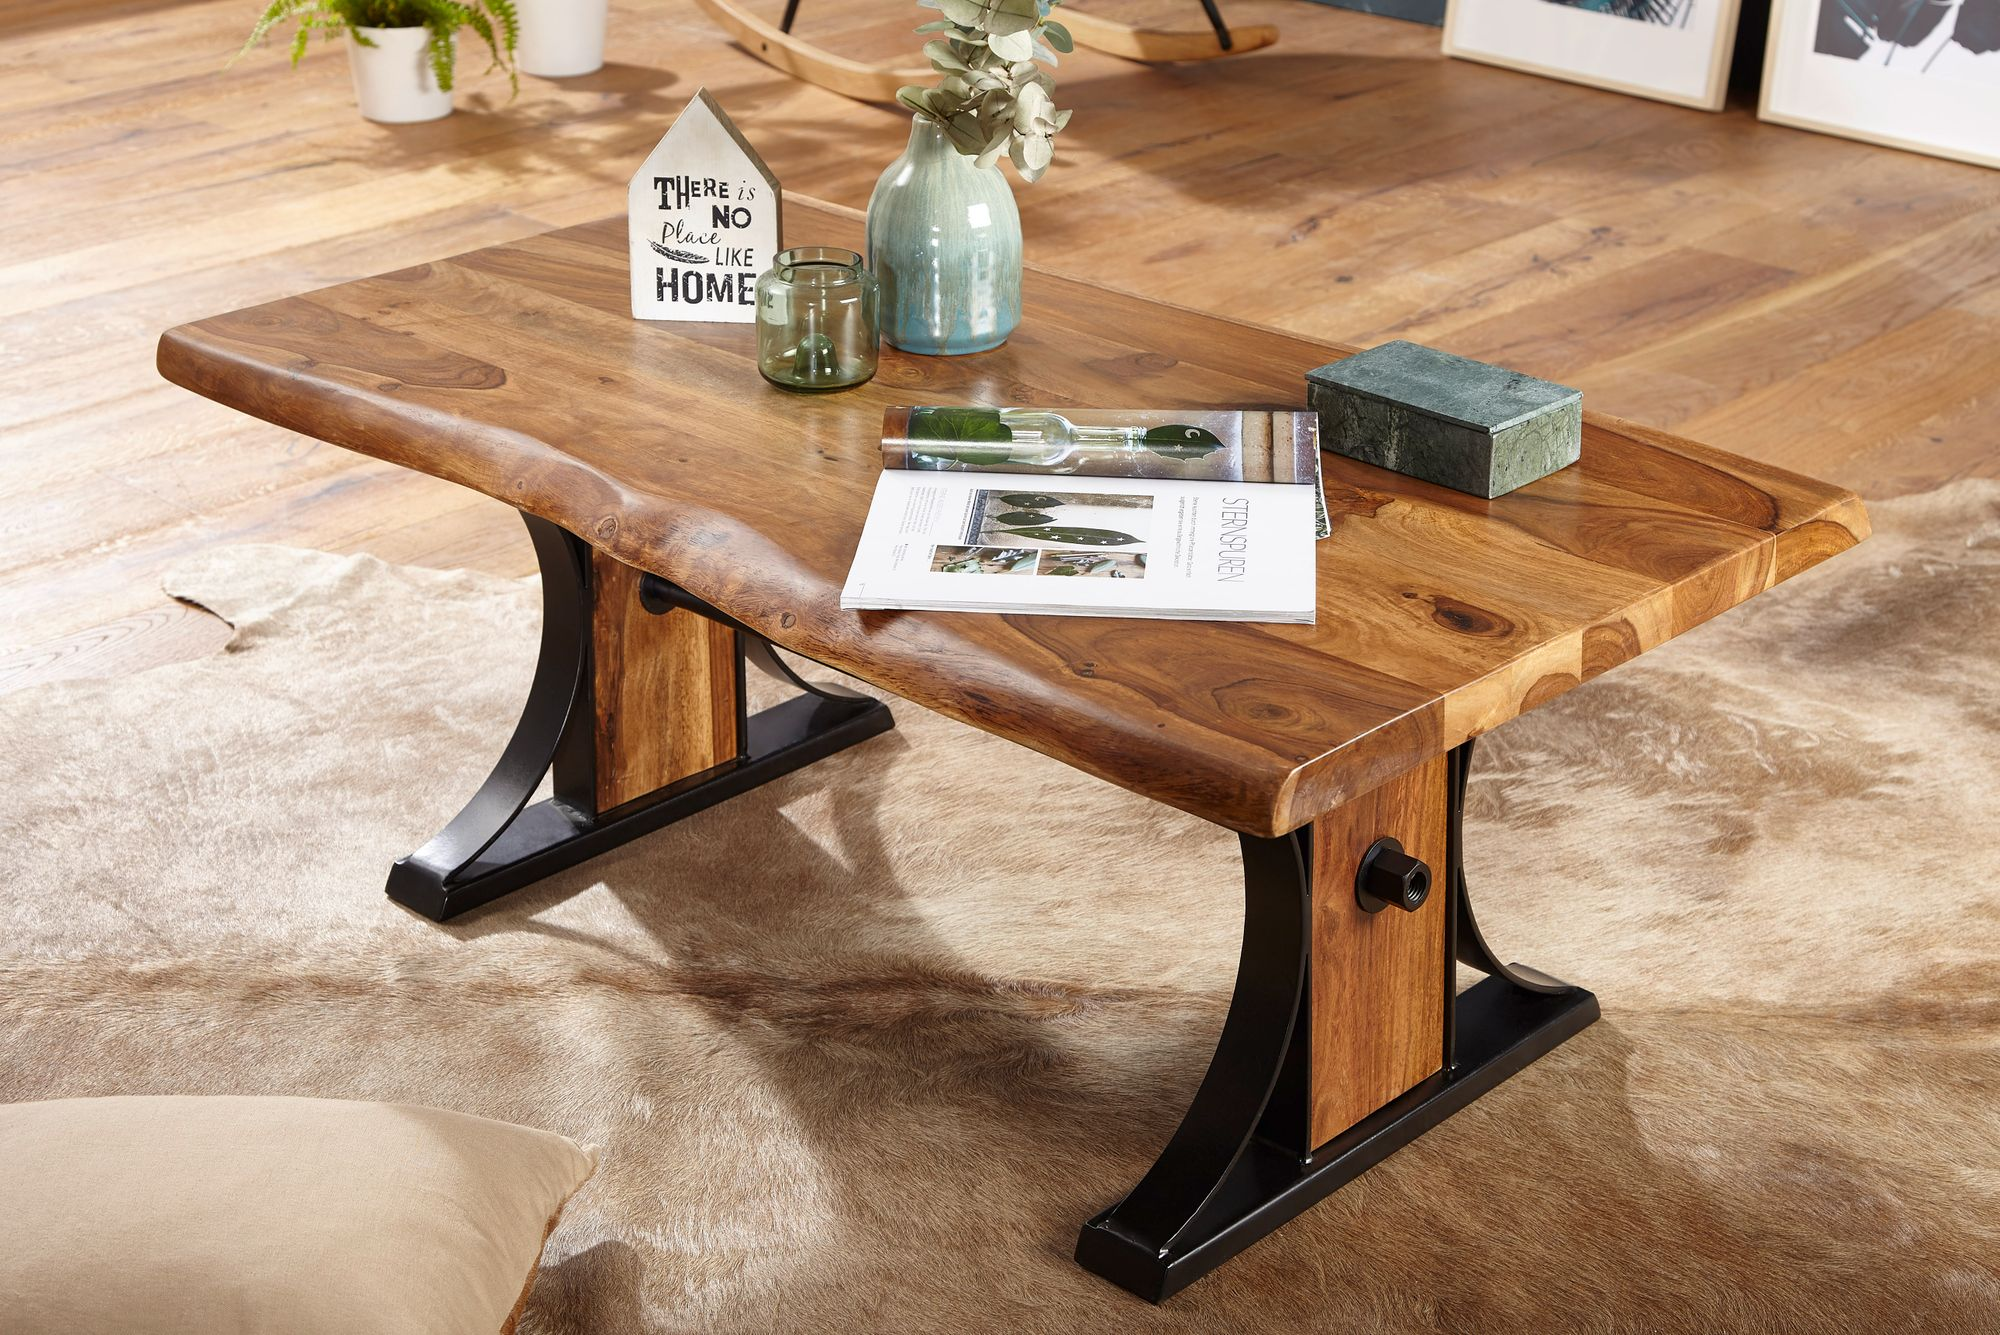 FineBuy Couchtisch BANAR Wohnzimmertisch Holz massiv Sofatisch Tisch  Wohnzimmer